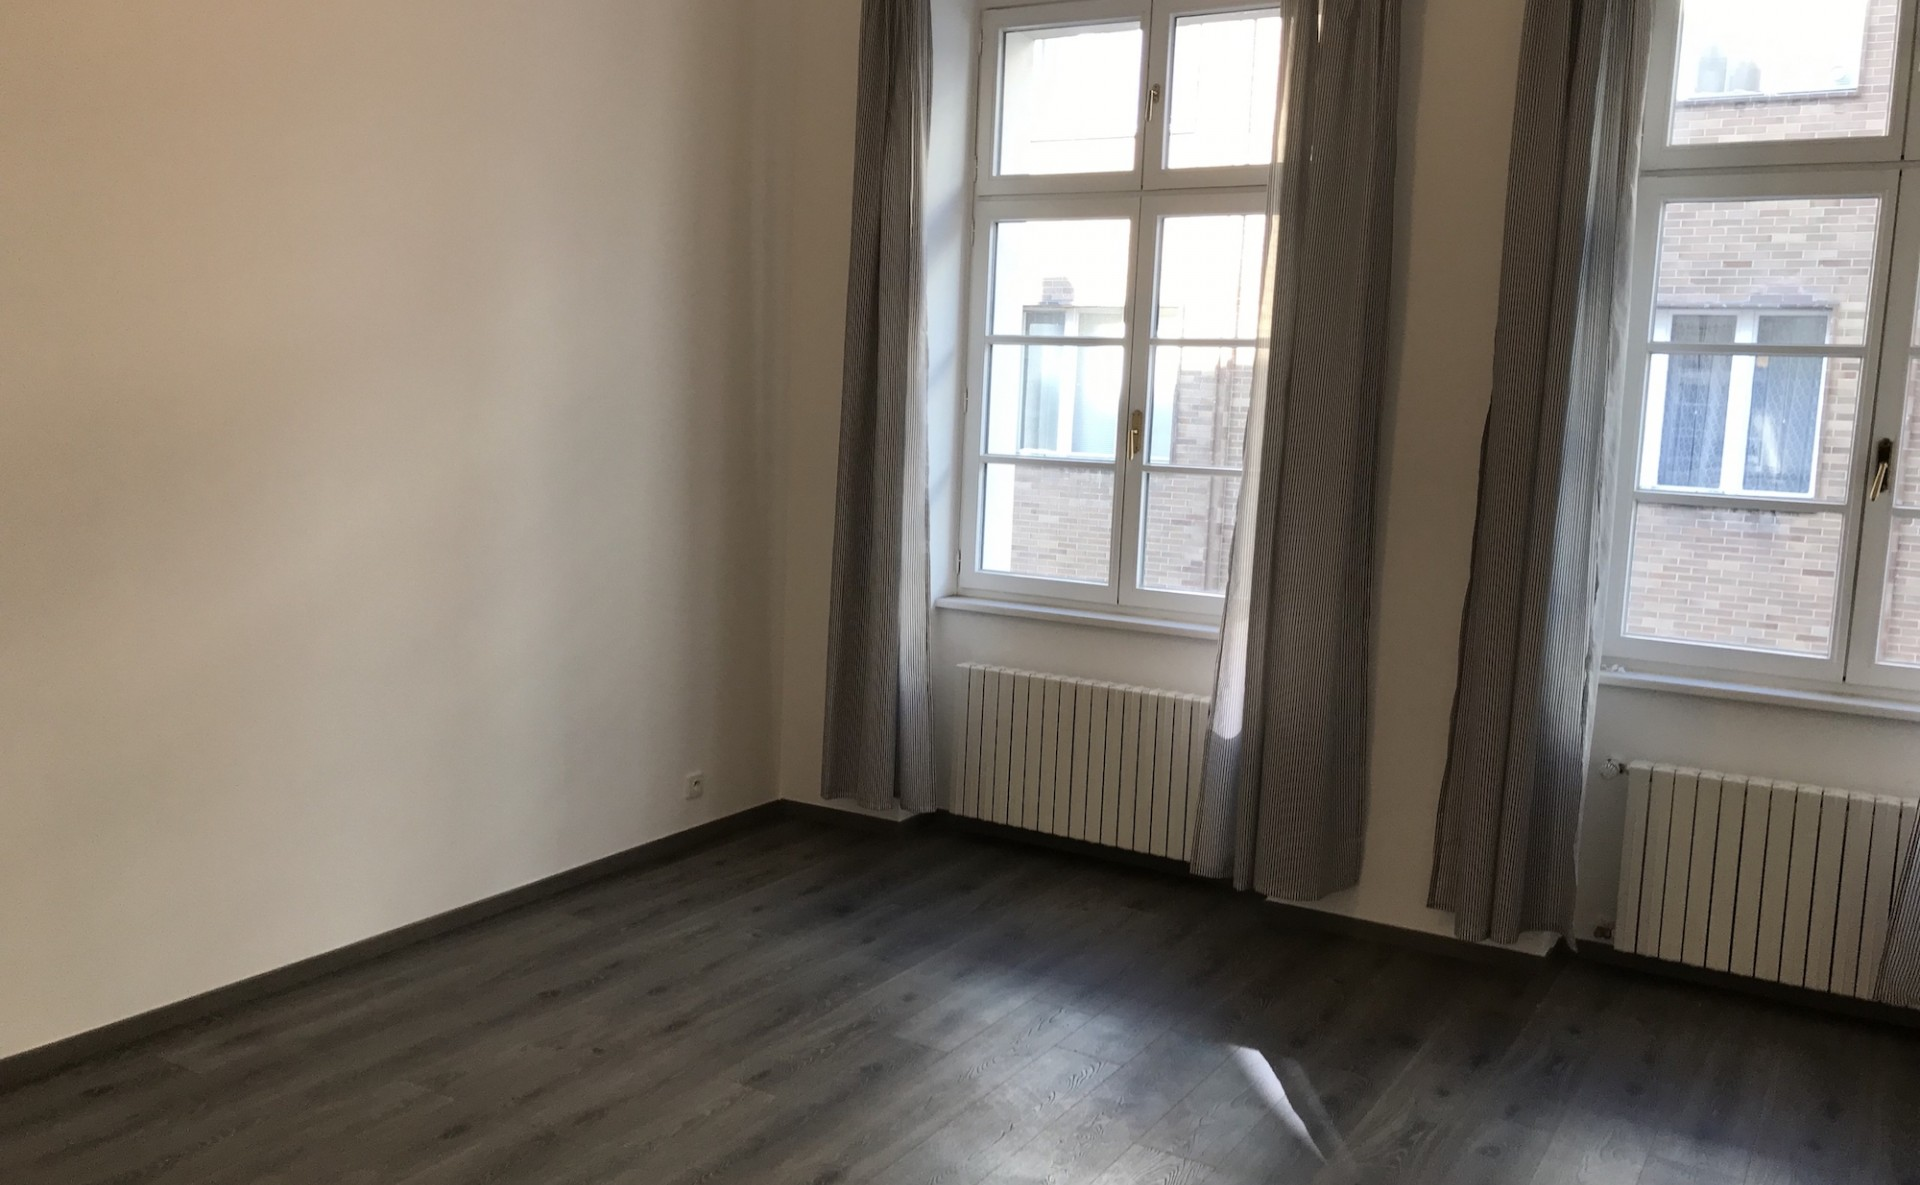 Pronájem kanceláří Praha 1 Na Příkopě